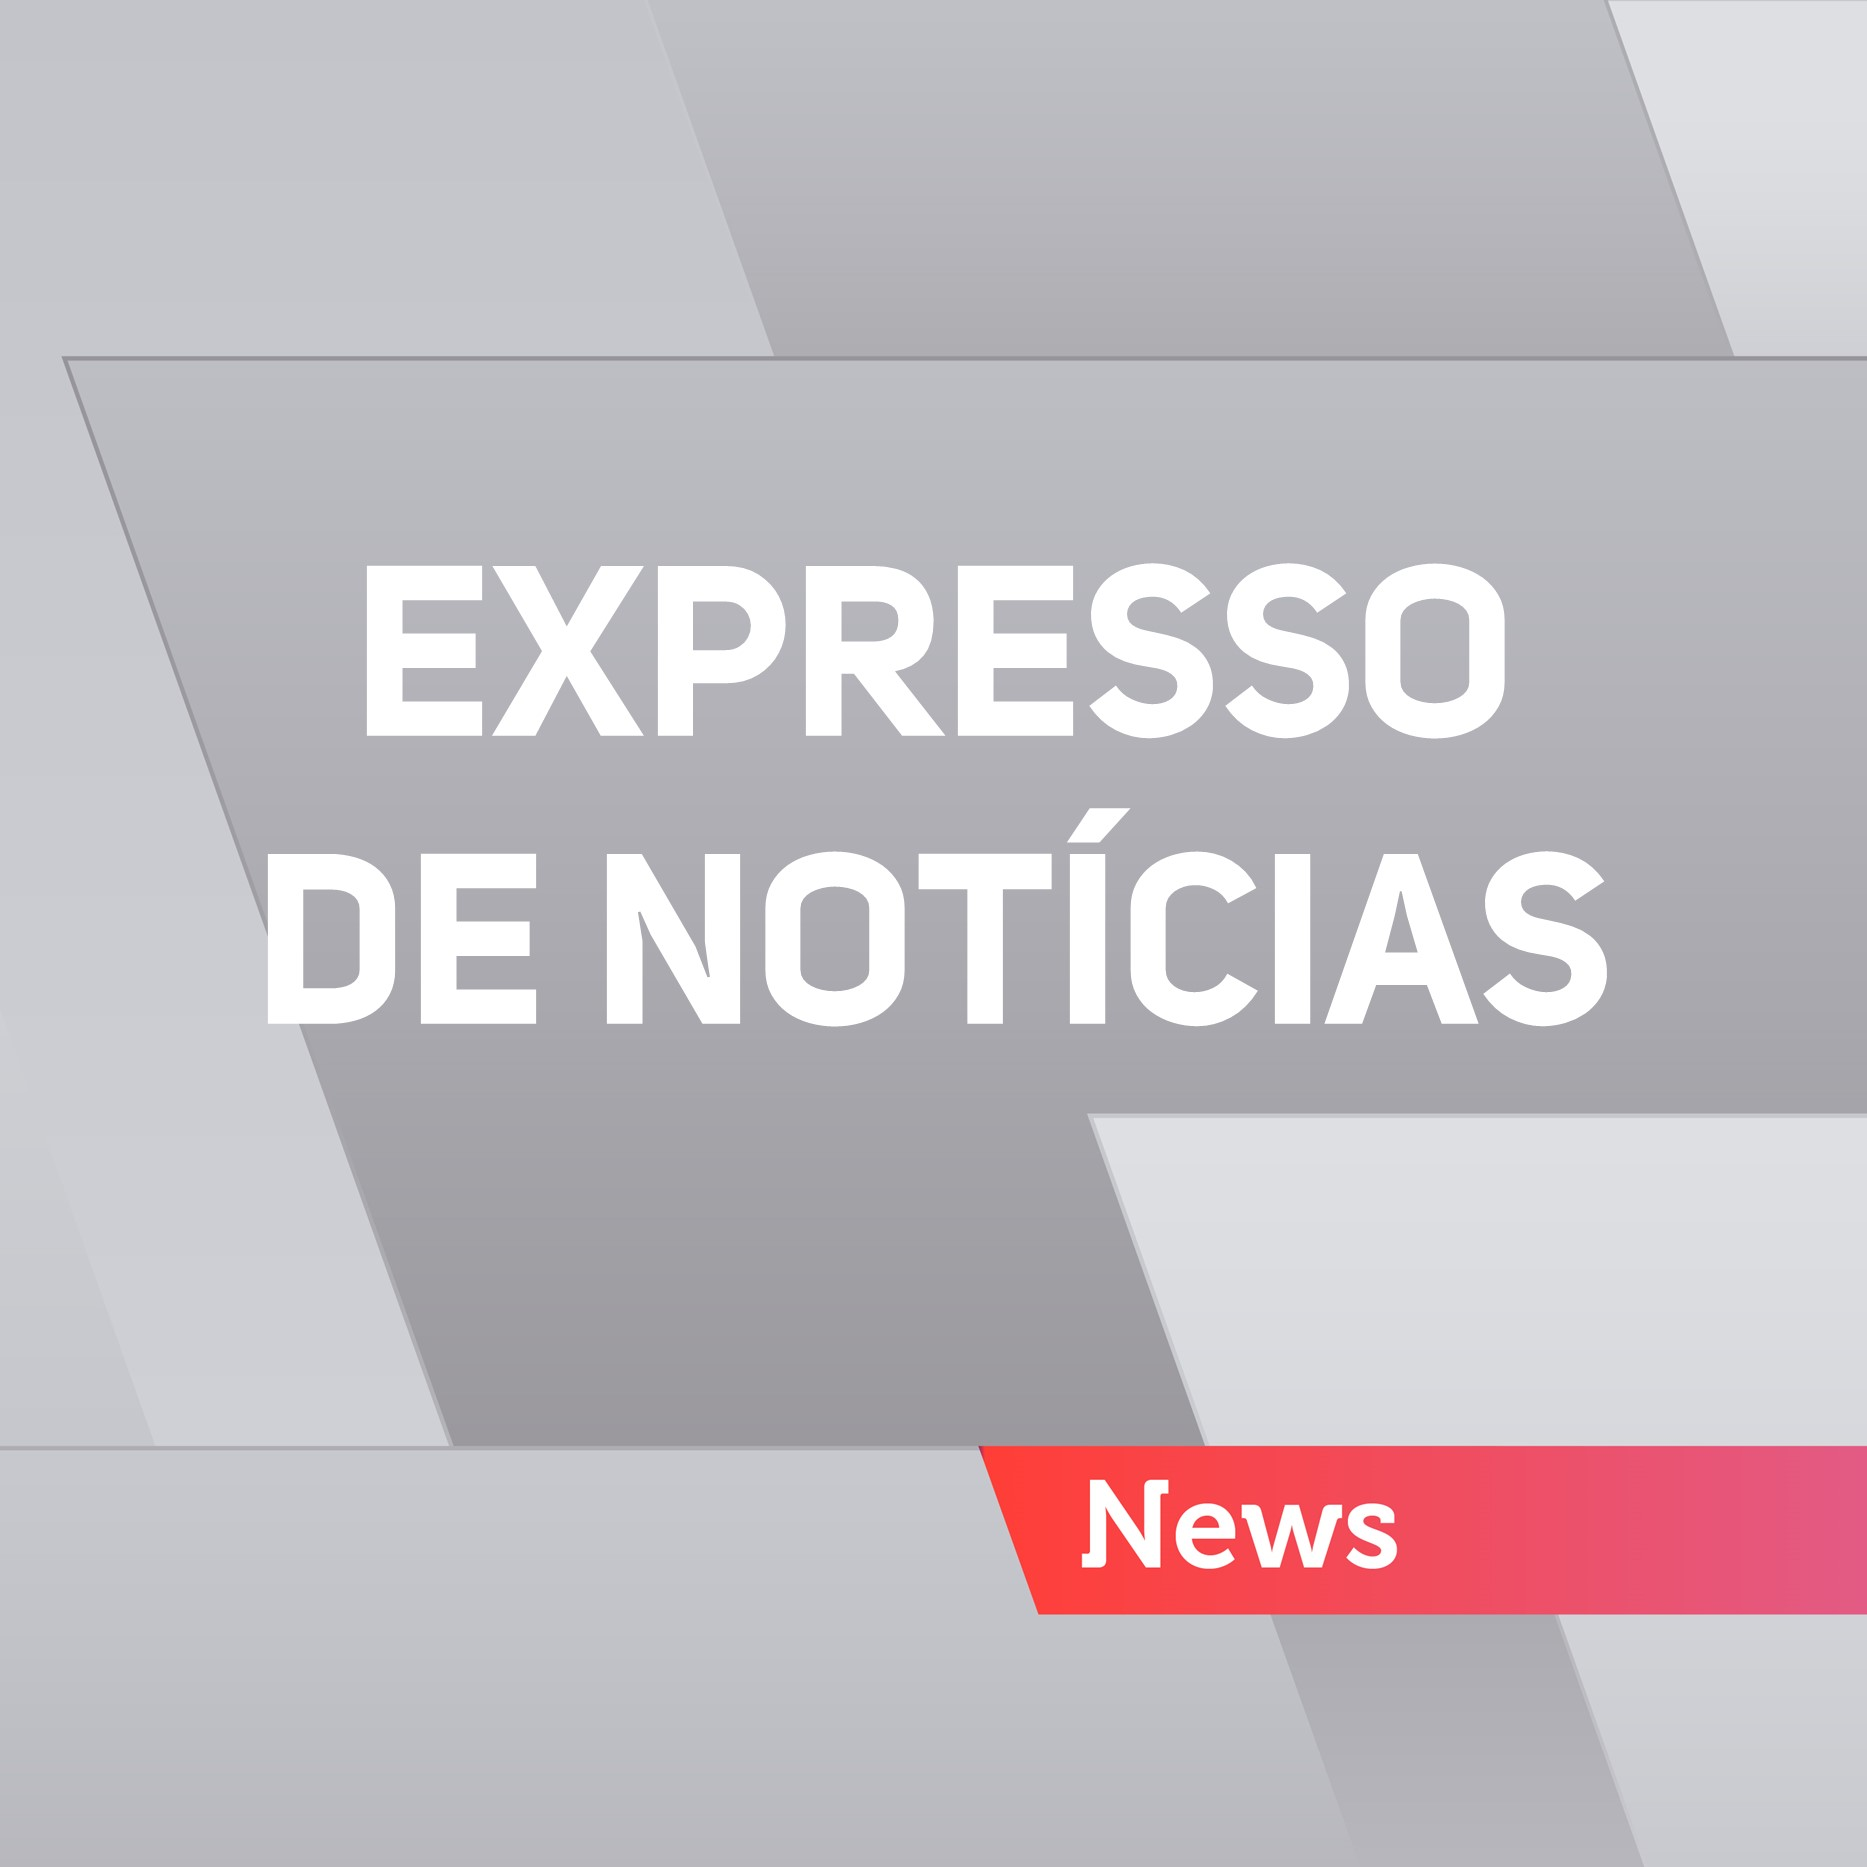 Expresso de Notícias do Gaúcha Hoje – 23/04/2018